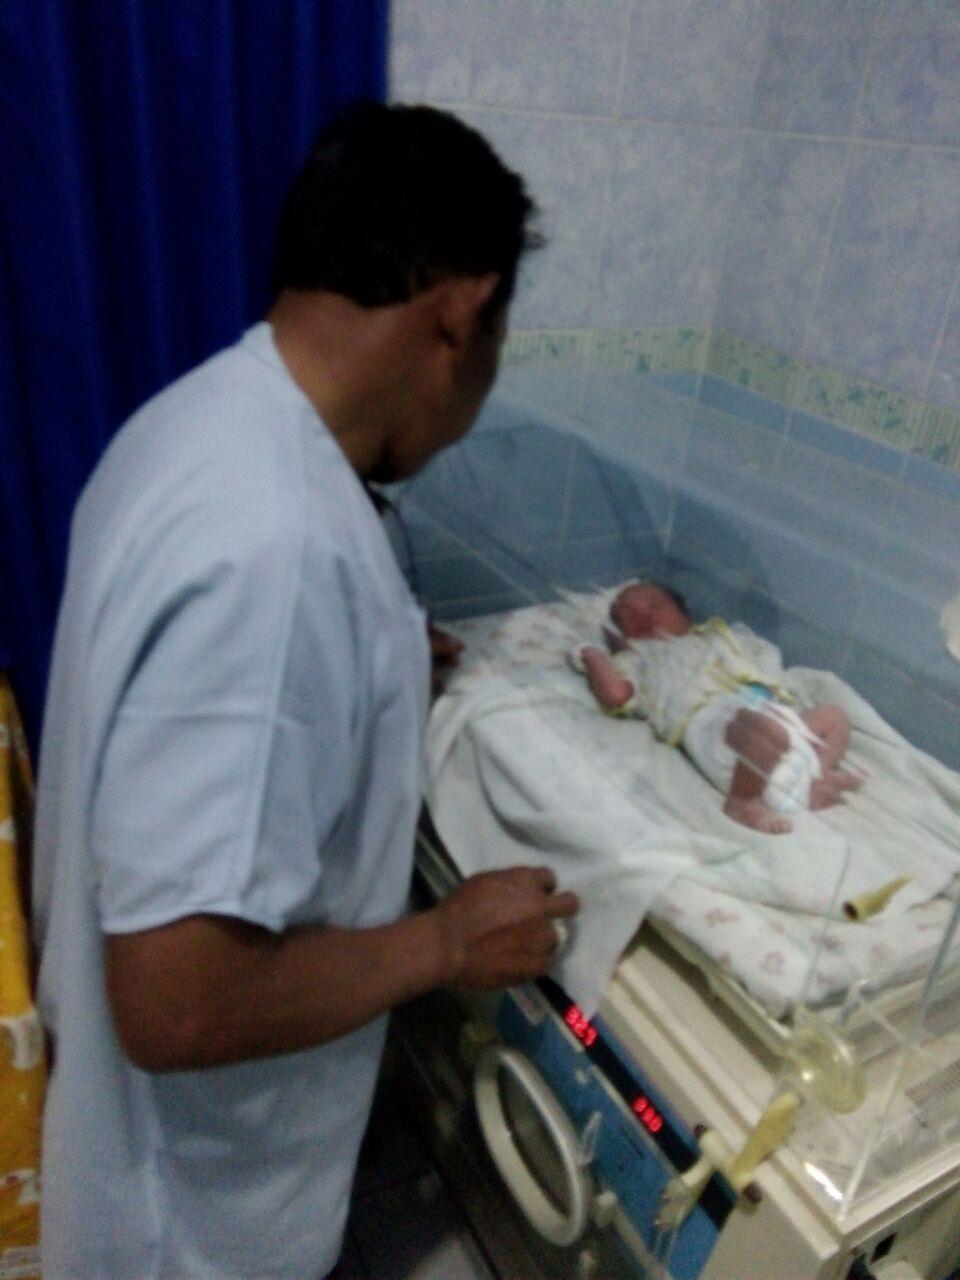 Telah Di Temukan Bayi Perempuan di Halaman Rumah Kosong Jln Lesti Ngaglik